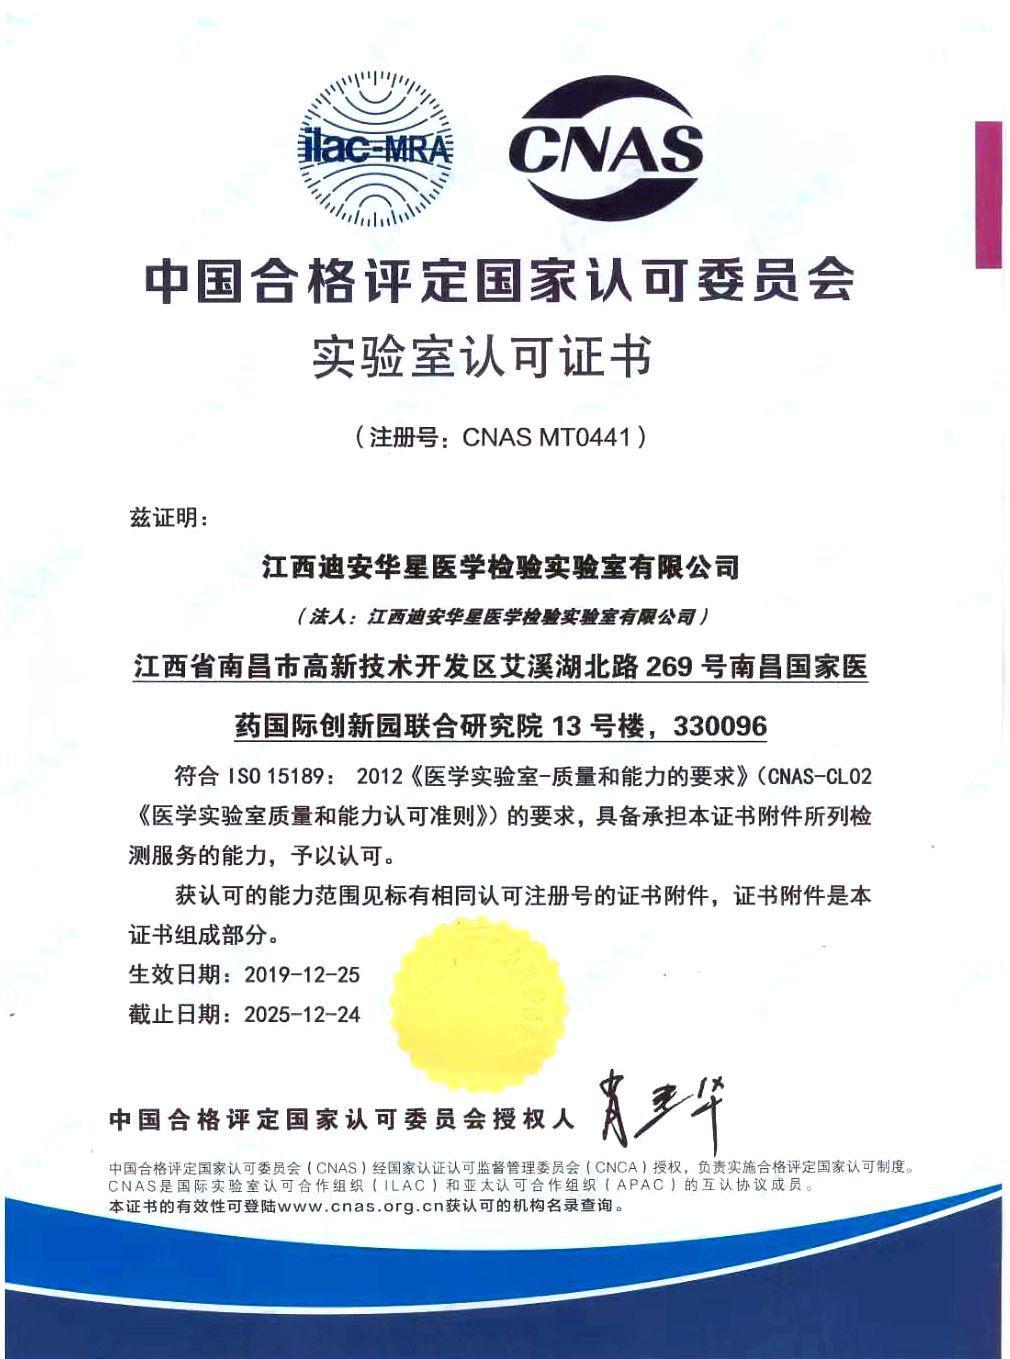 再传喜讯:江西迪安华星获得ISO15189认可证书